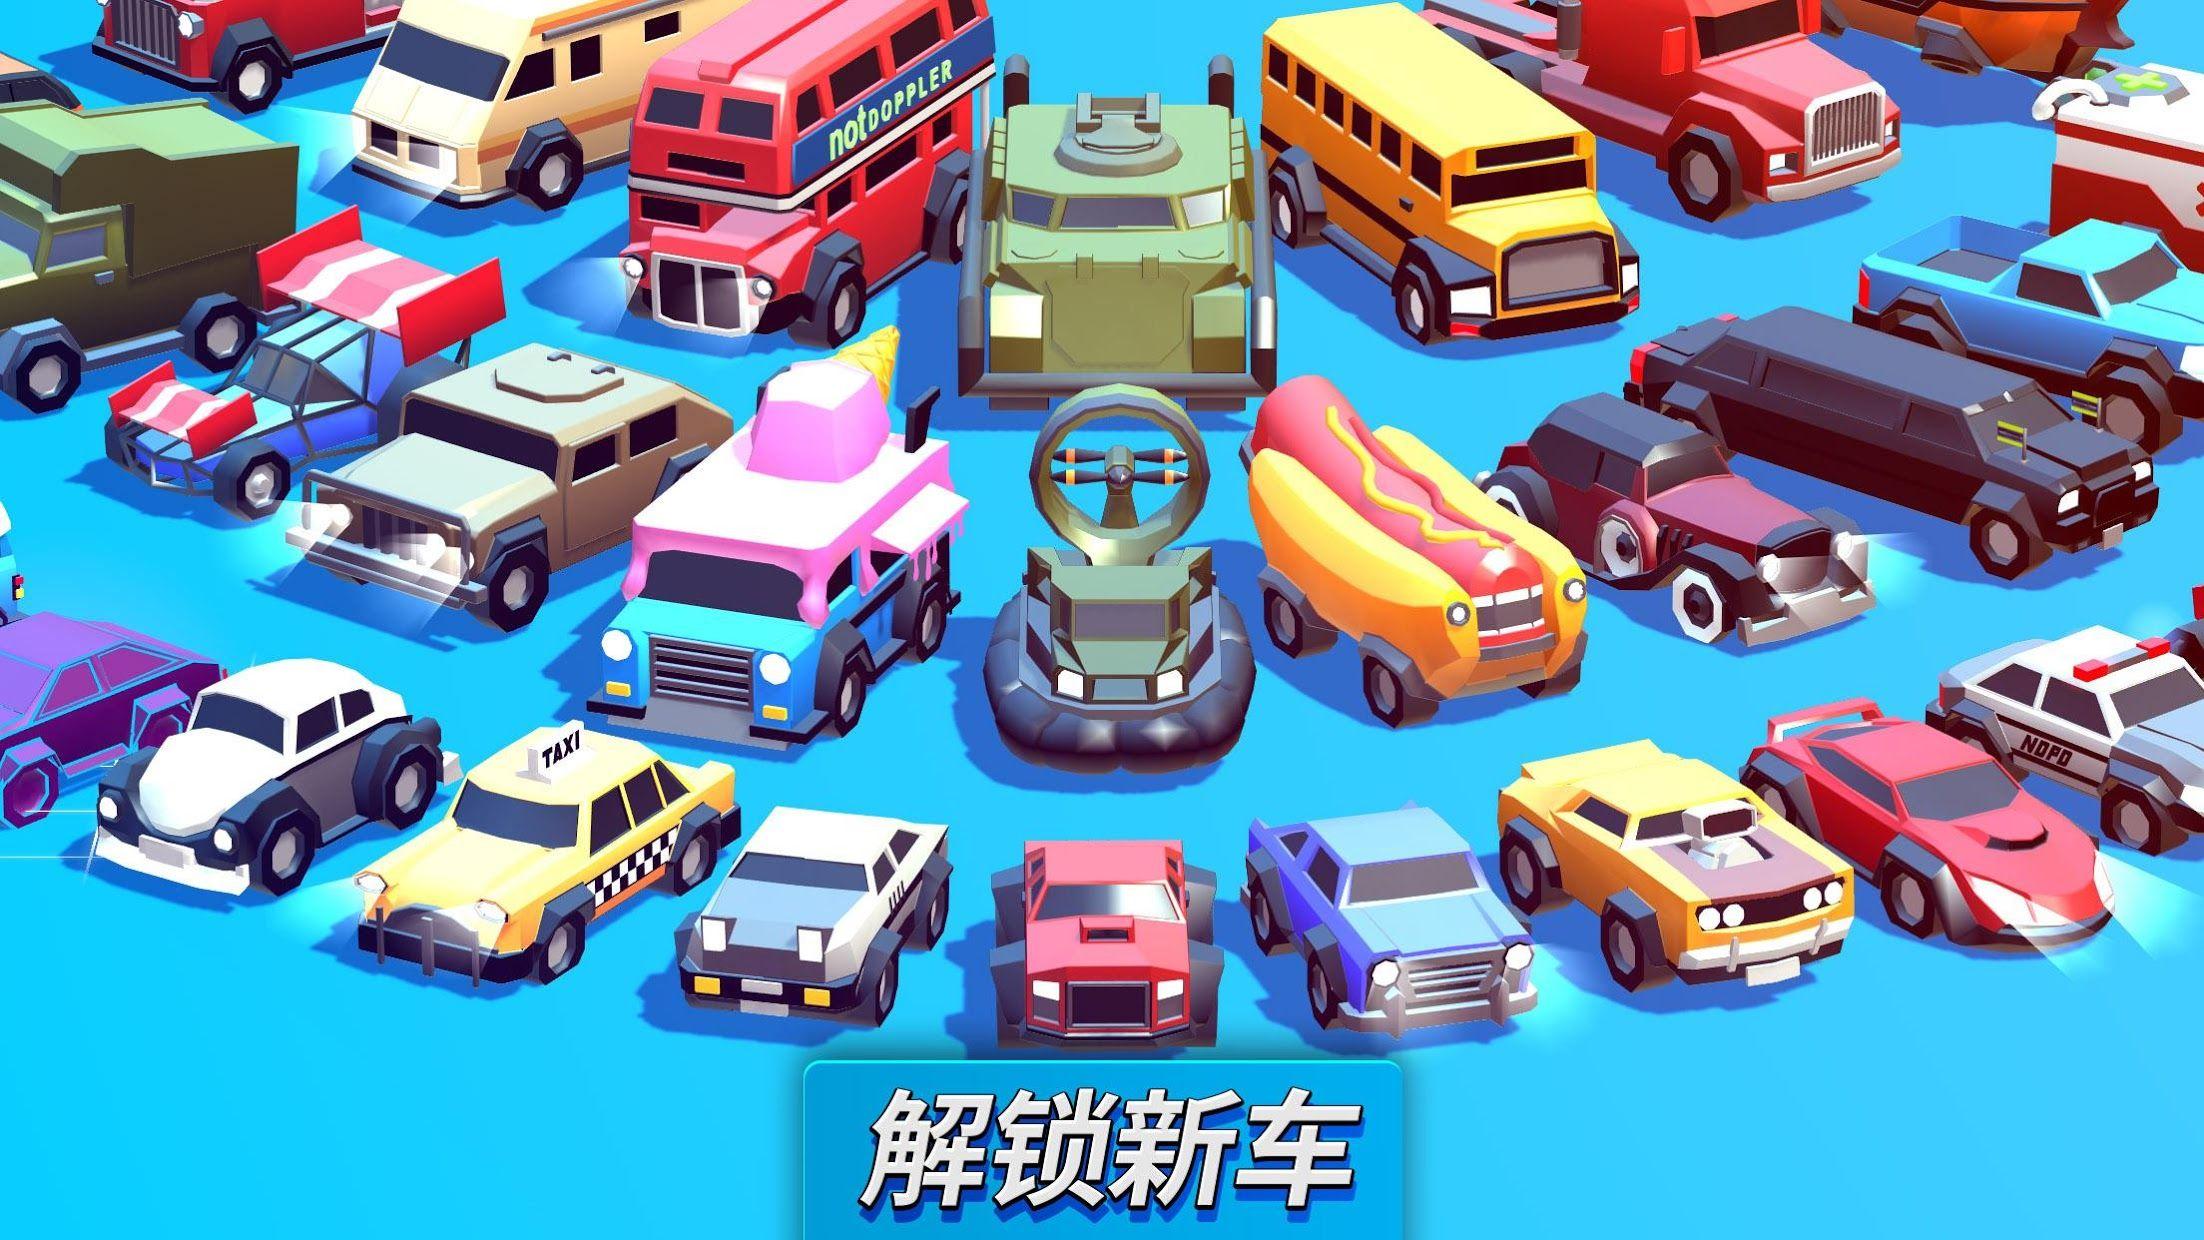 疯狂撞车王 (Crash of Cars) 游戏截图4